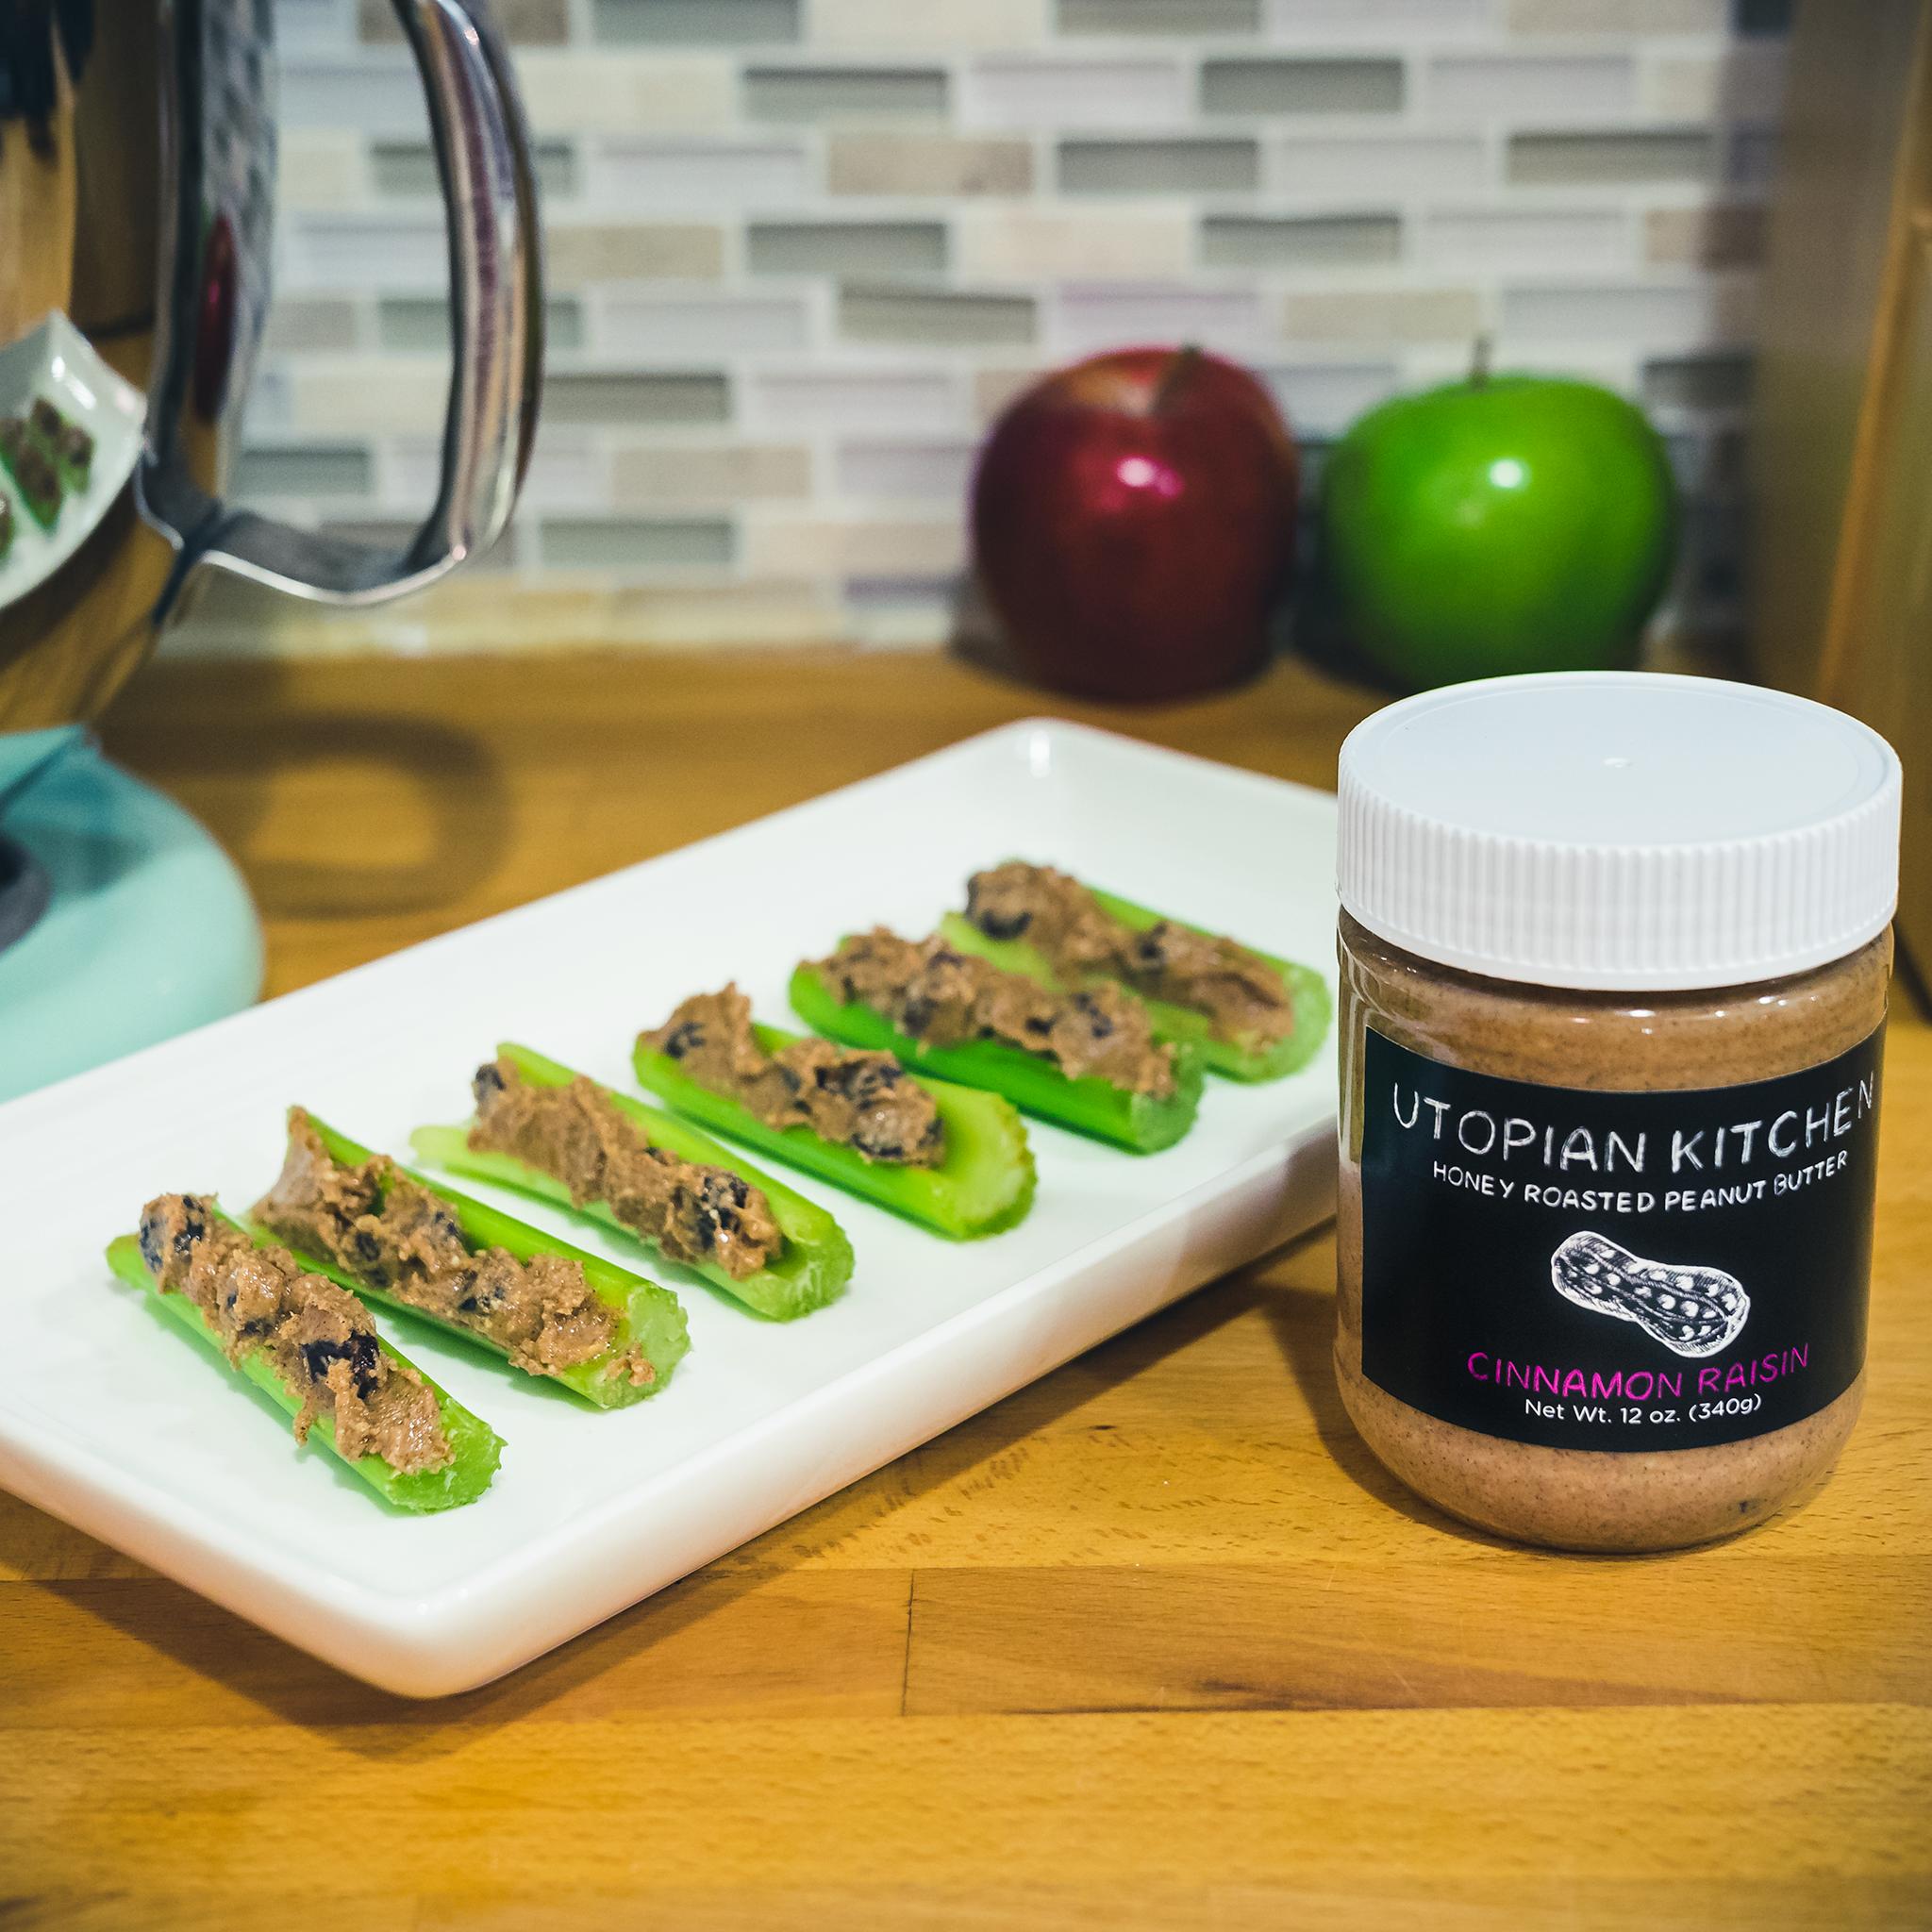 Cinnamon Raisin PB & Celery - Ants on a log!